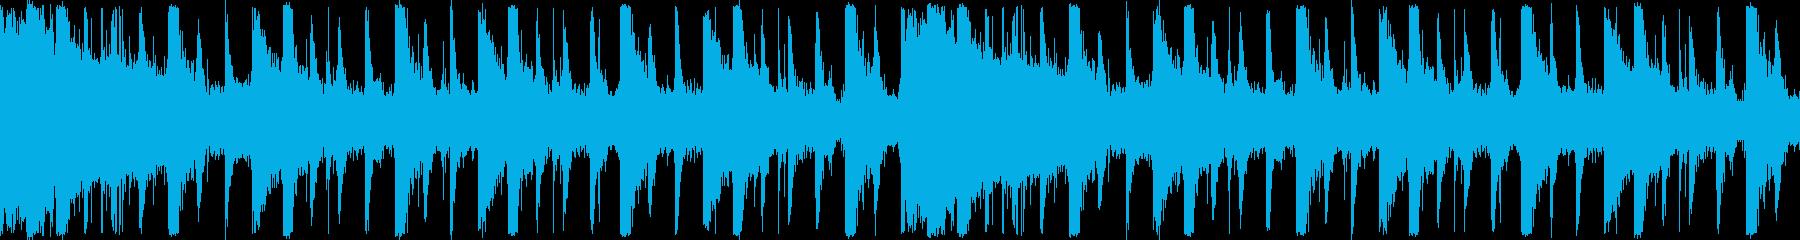 場面を無機質に現すようなBGSの再生済みの波形